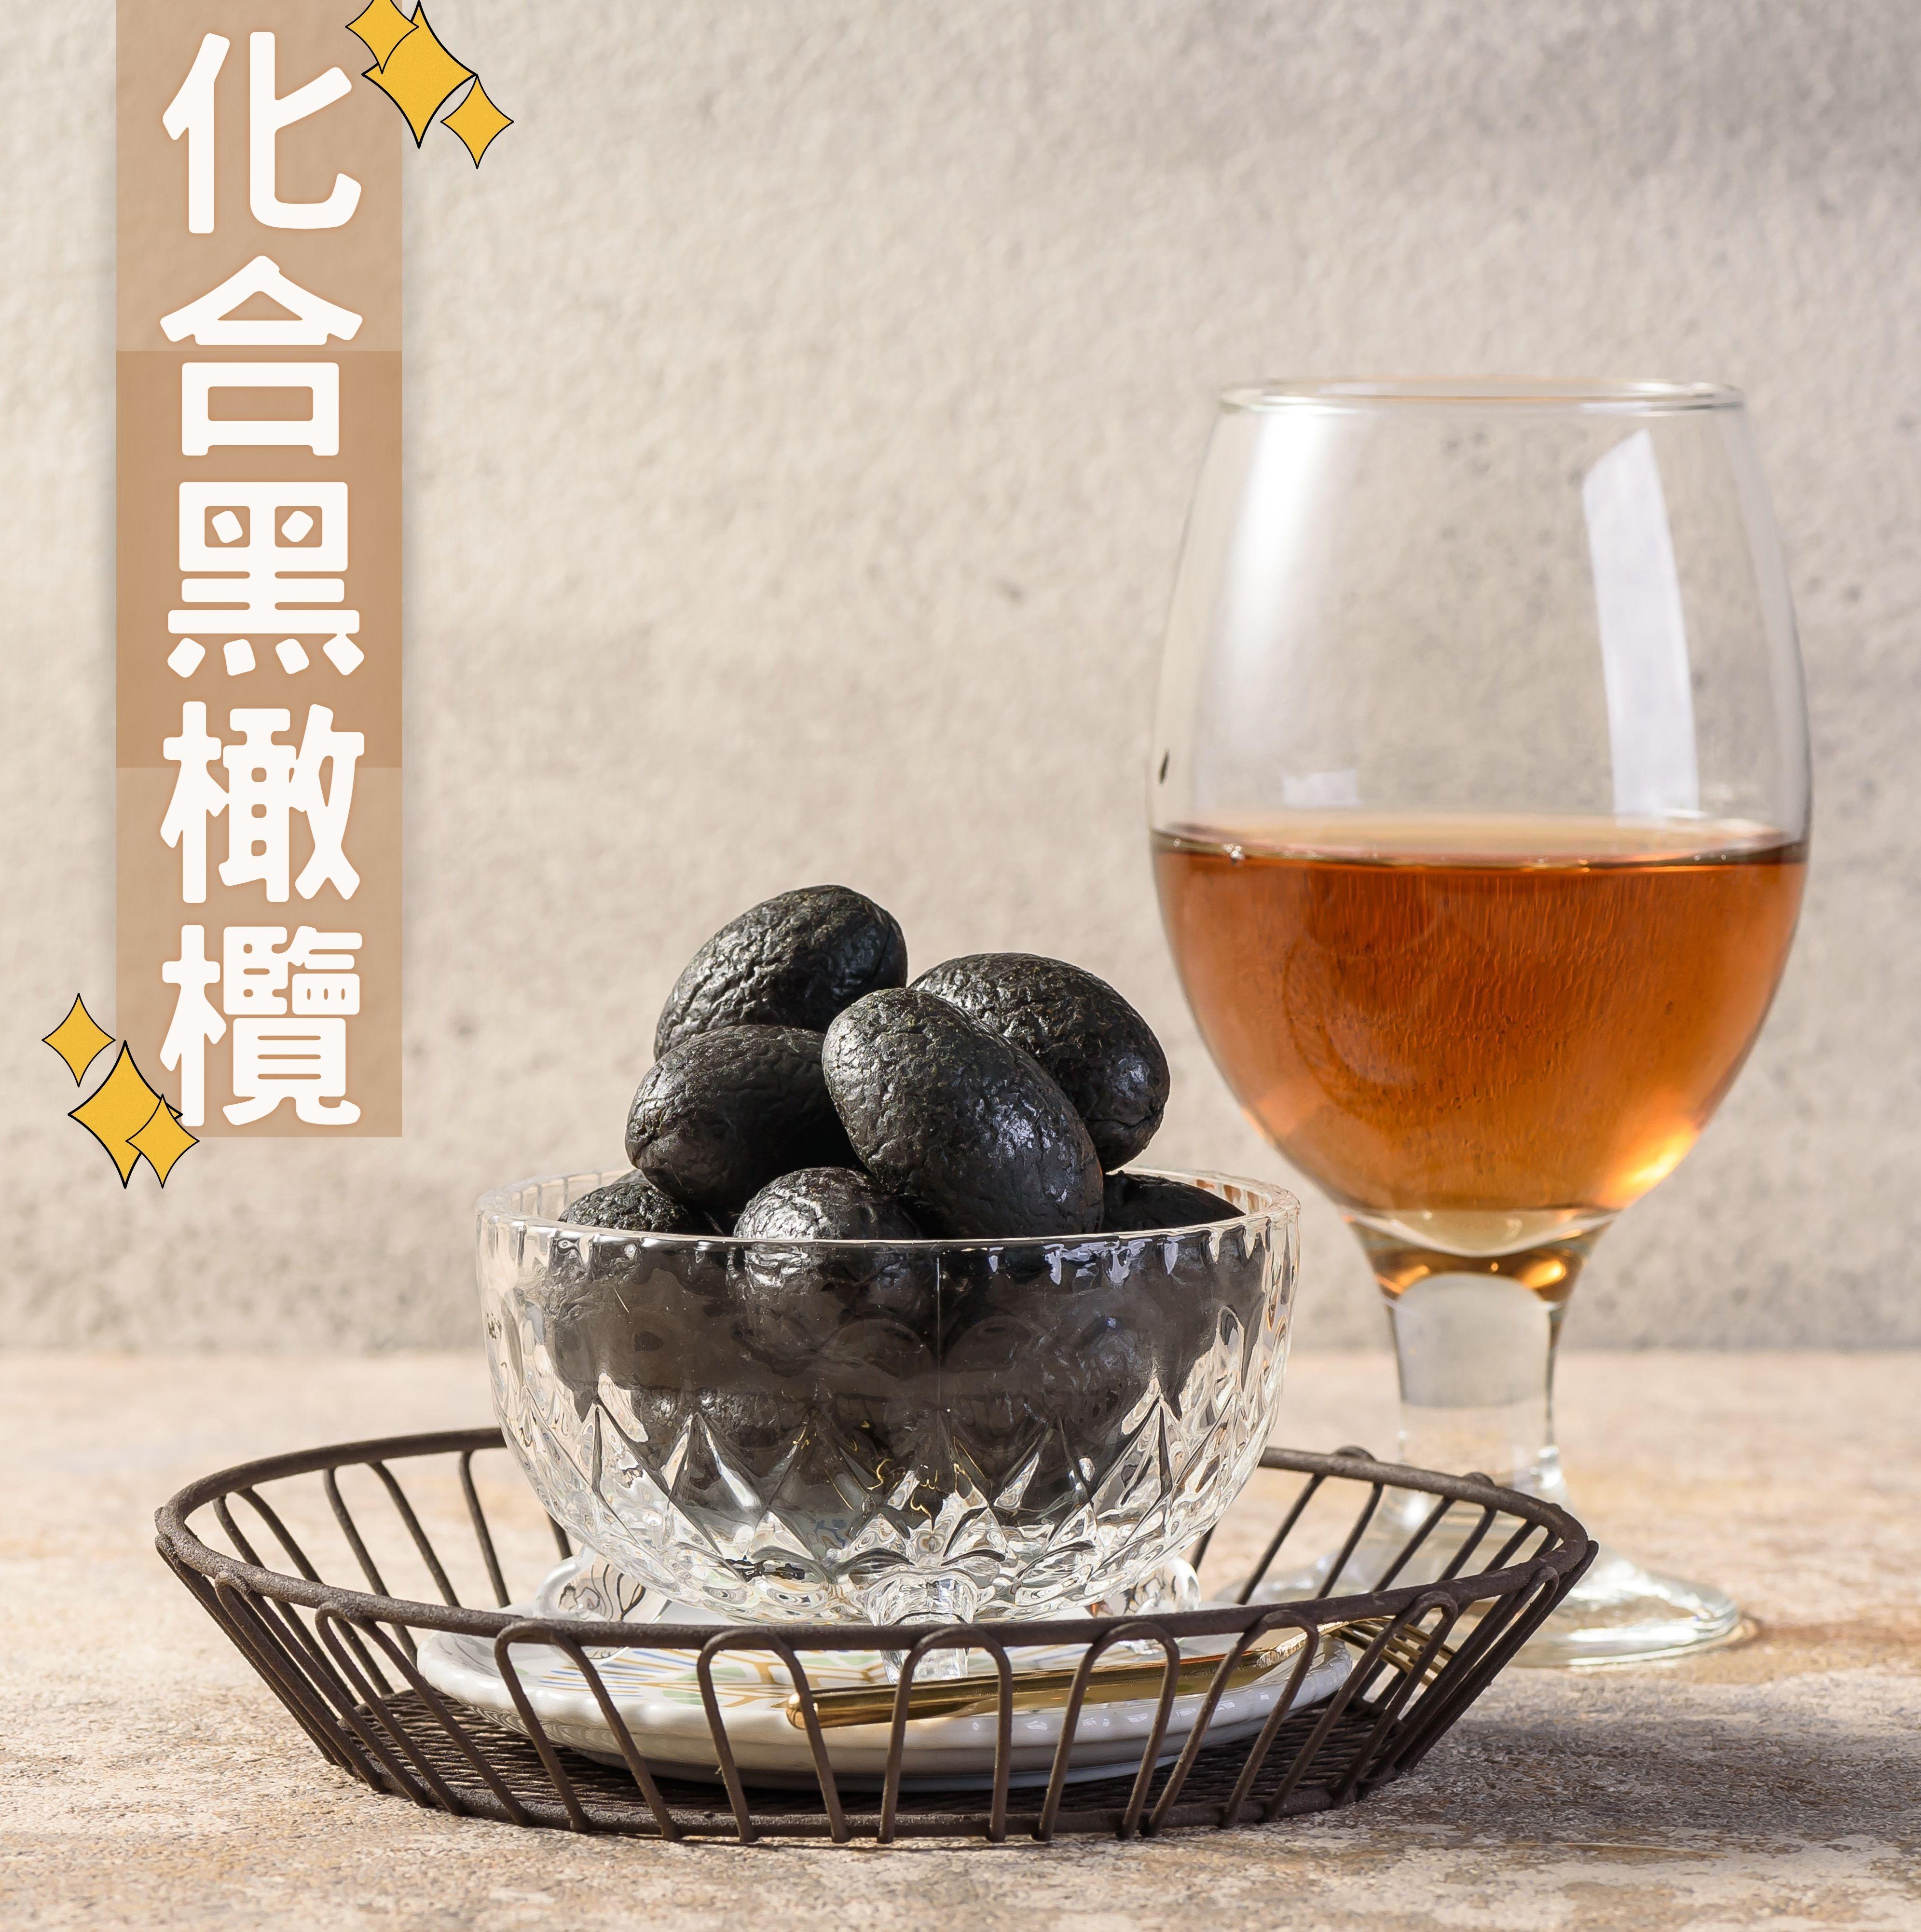 甜美果乾系列 化合黑橄欖 改善血液循環( 335g /包) 🧧樂天年貨大街🧧【上海火腿】